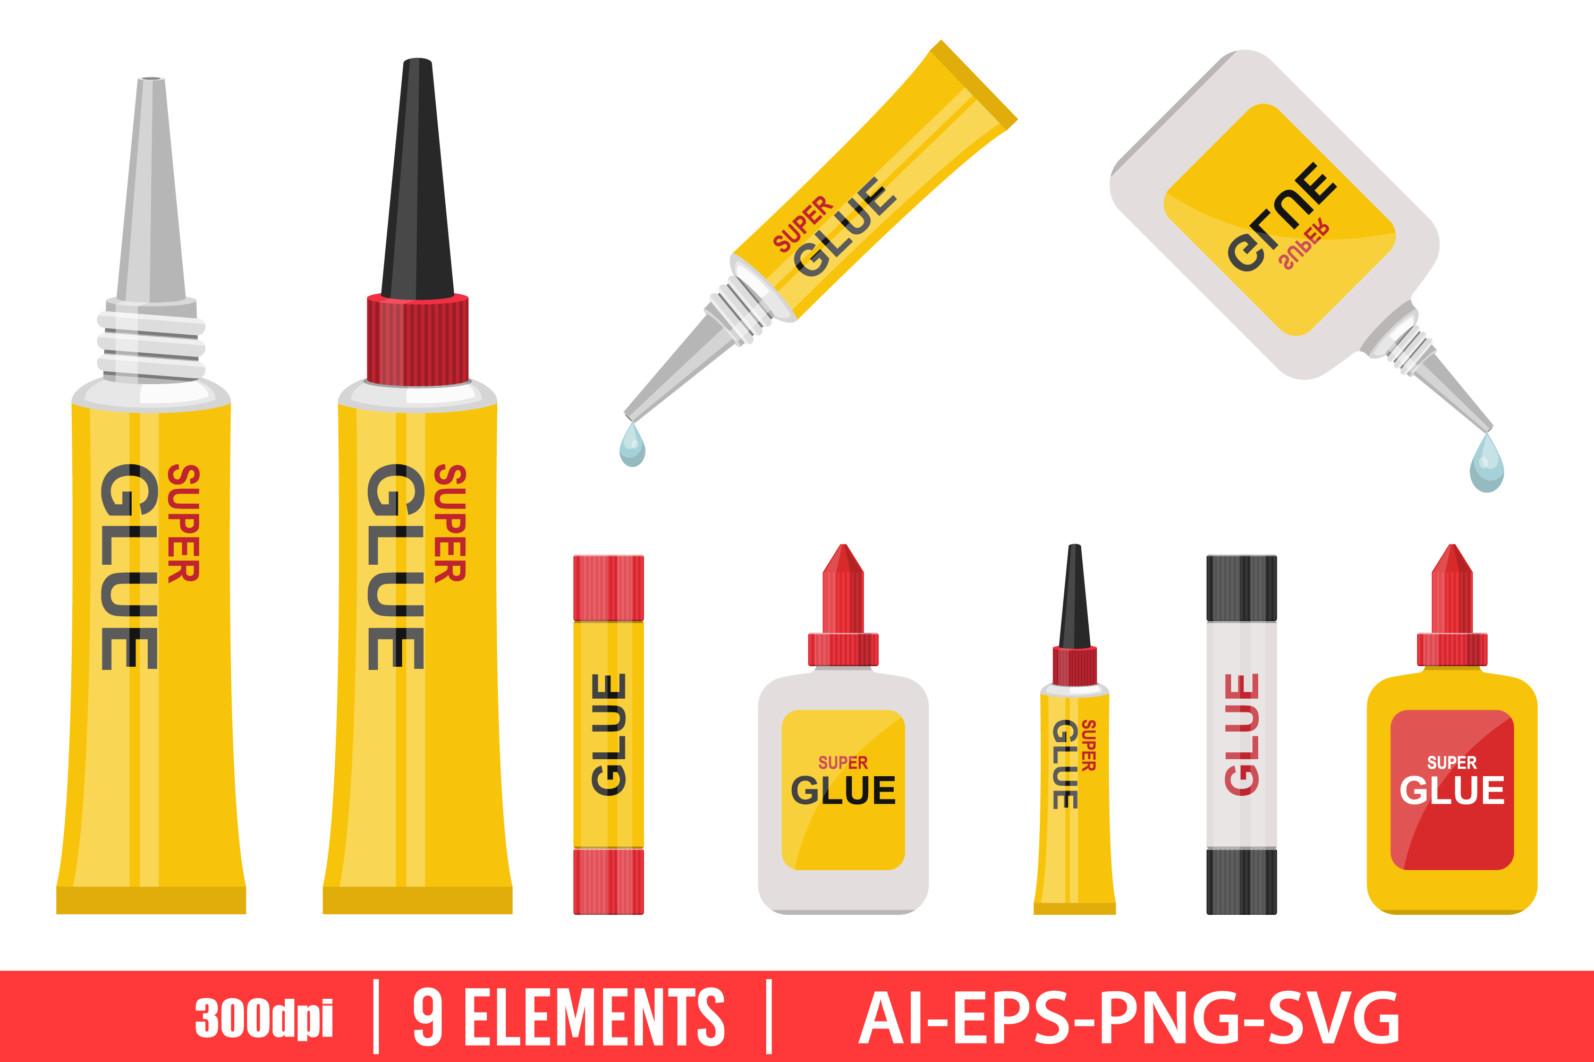 Glue bottle clipart vector design illustration. Glue bottle set. Vector Clipart Print - GLUE BOTTLE scaled -